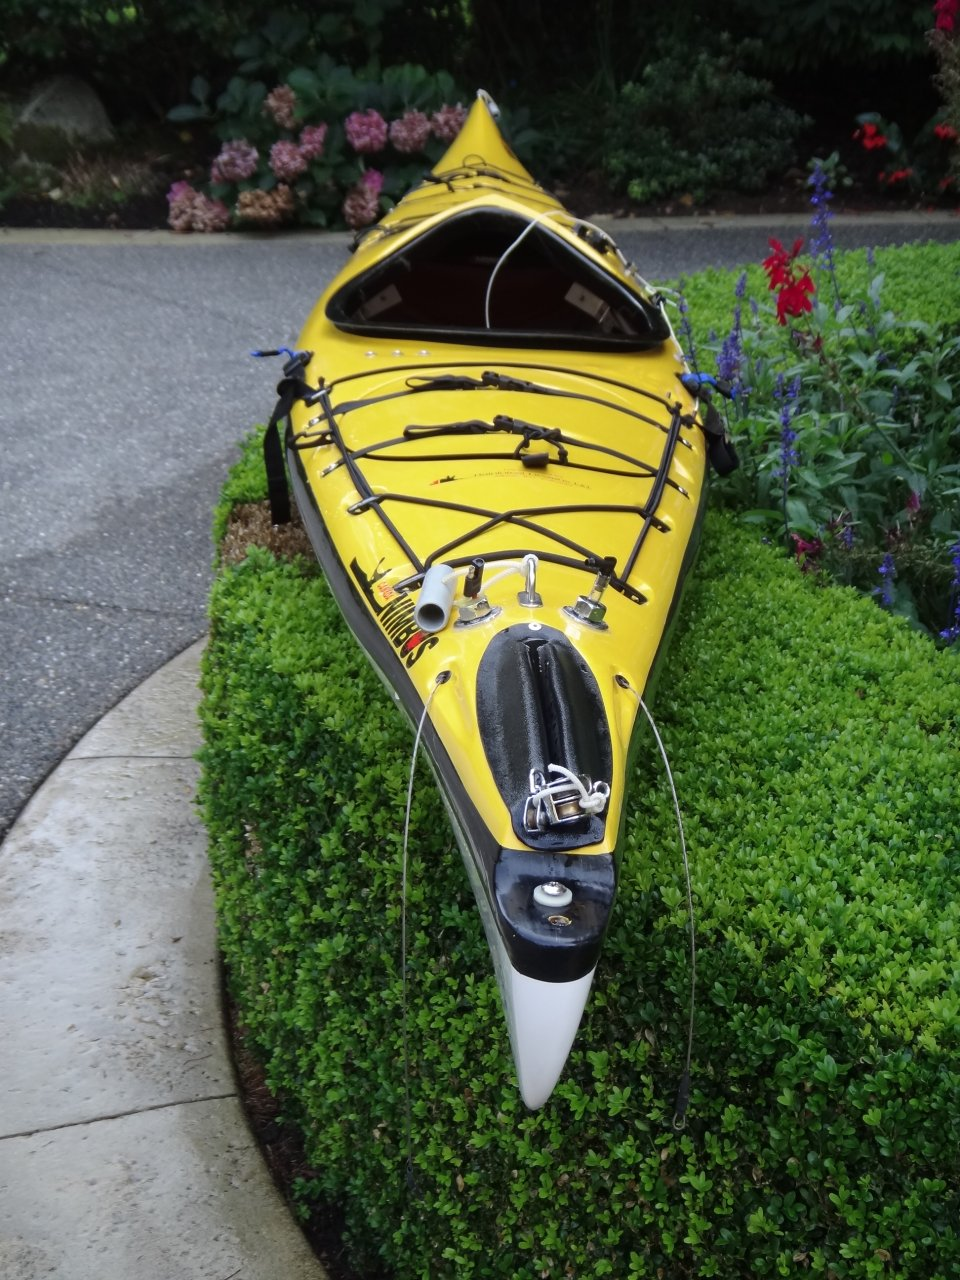 Sea Kayak For Sale Craigslist - Kayak Explorer